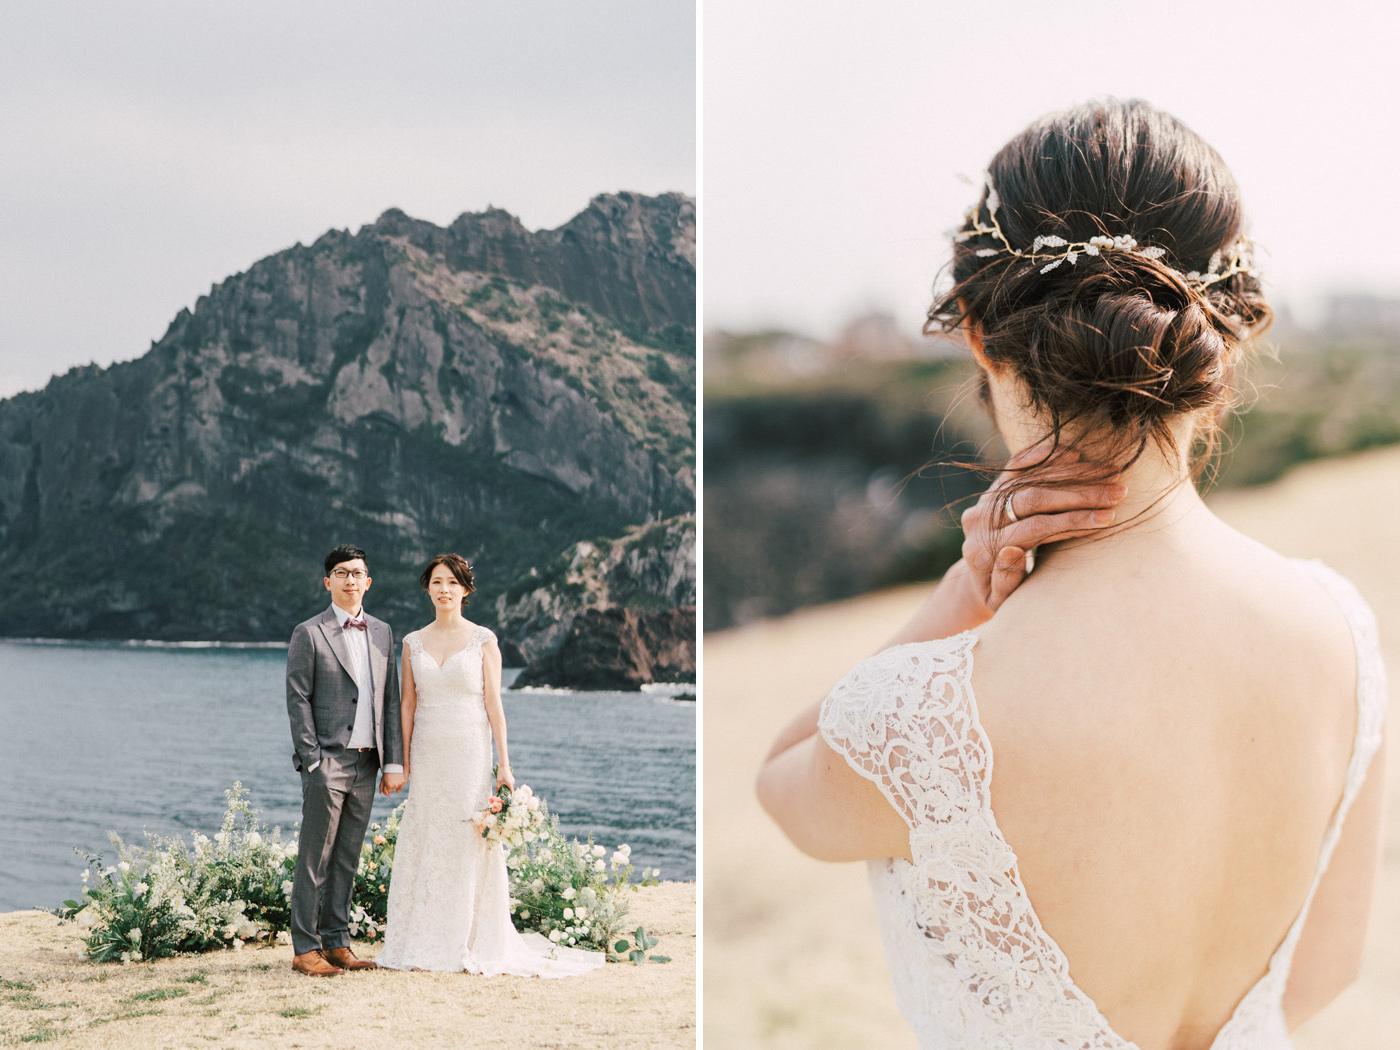 韓國濟州島婚紗